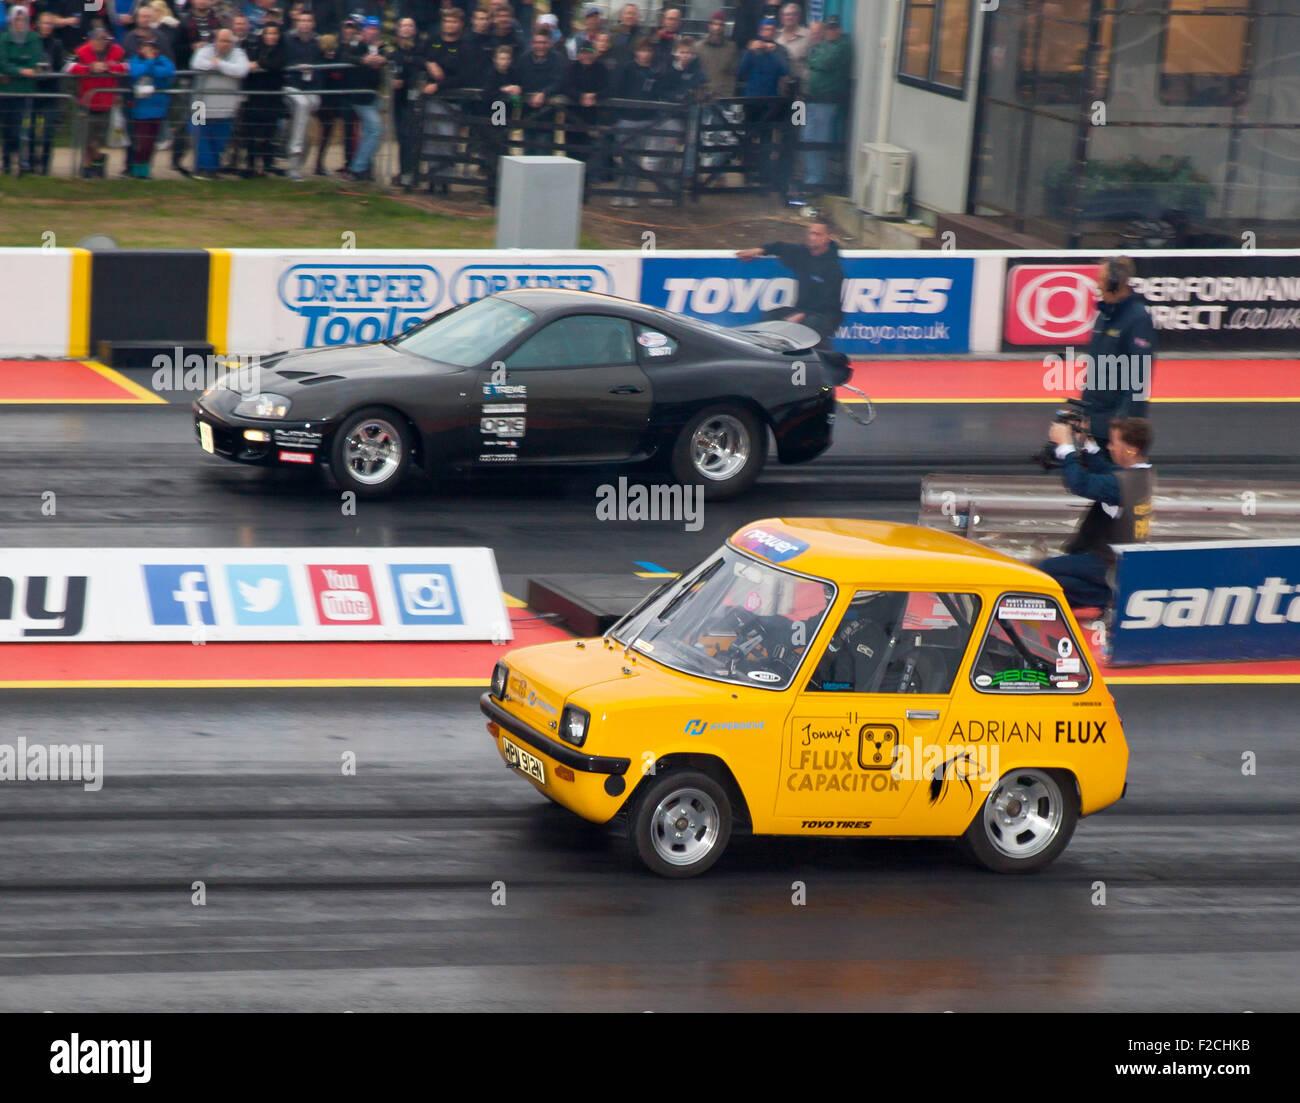 Coche eléctrico drag racing en el Pro et de clase en Santa Pod. Jonny Smith nearside conduce un Enfield 8000. Imagen De Stock